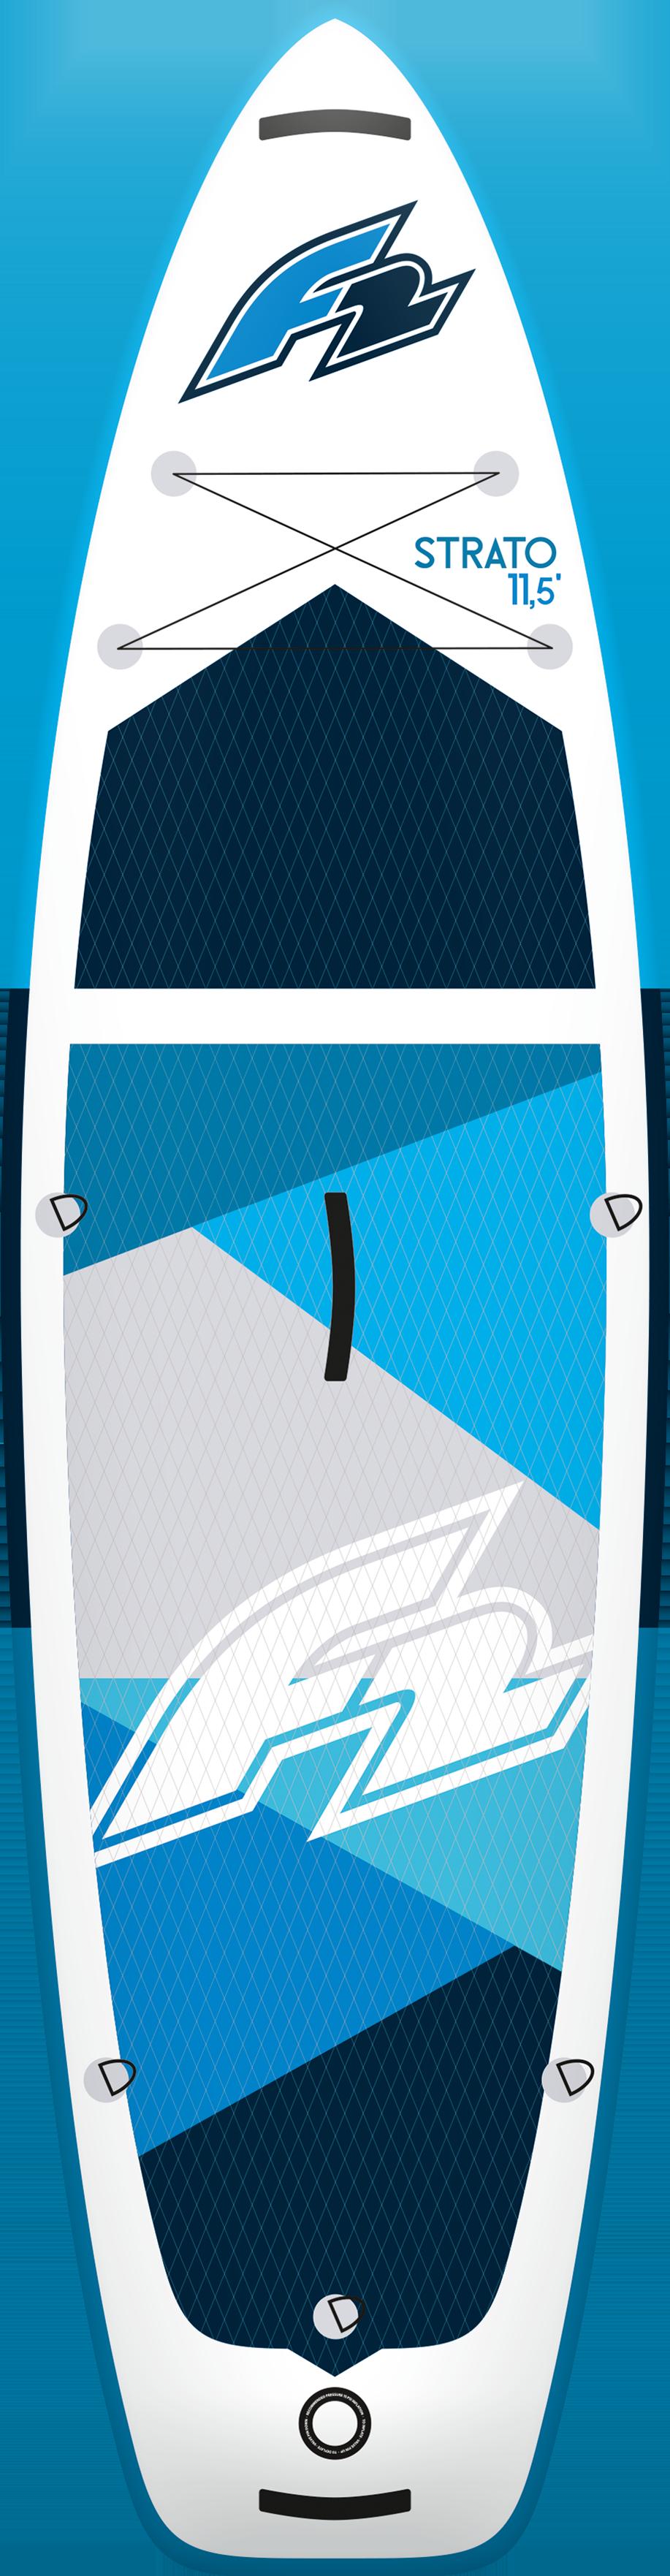 STRATO BLUE - Top